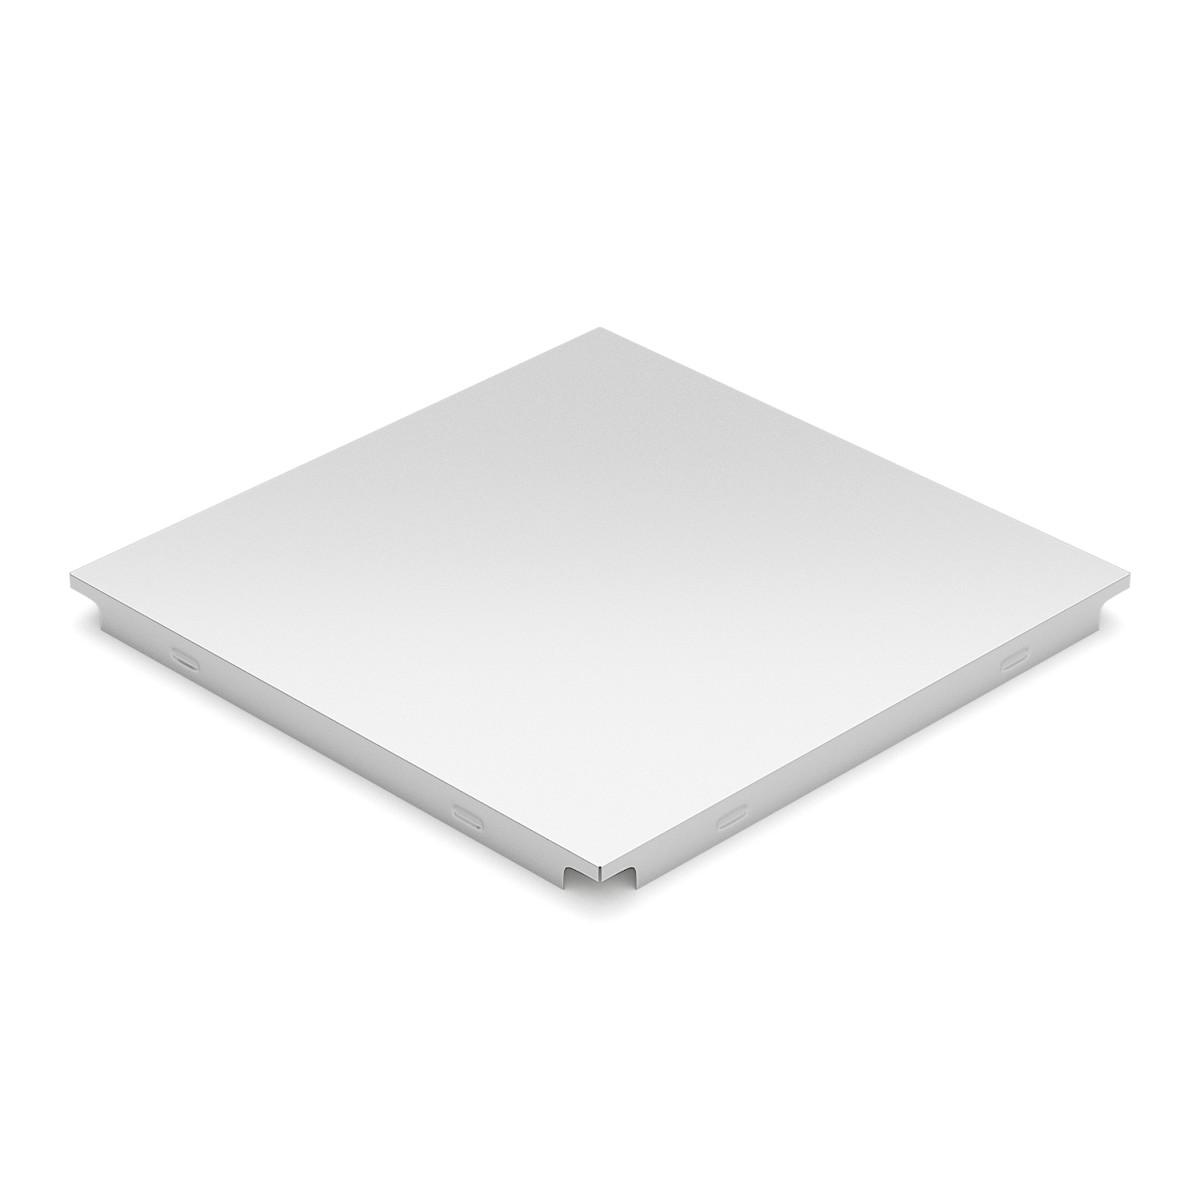 Набор кассет 300х300 мм цвет жемчужно-белый 10 шт.